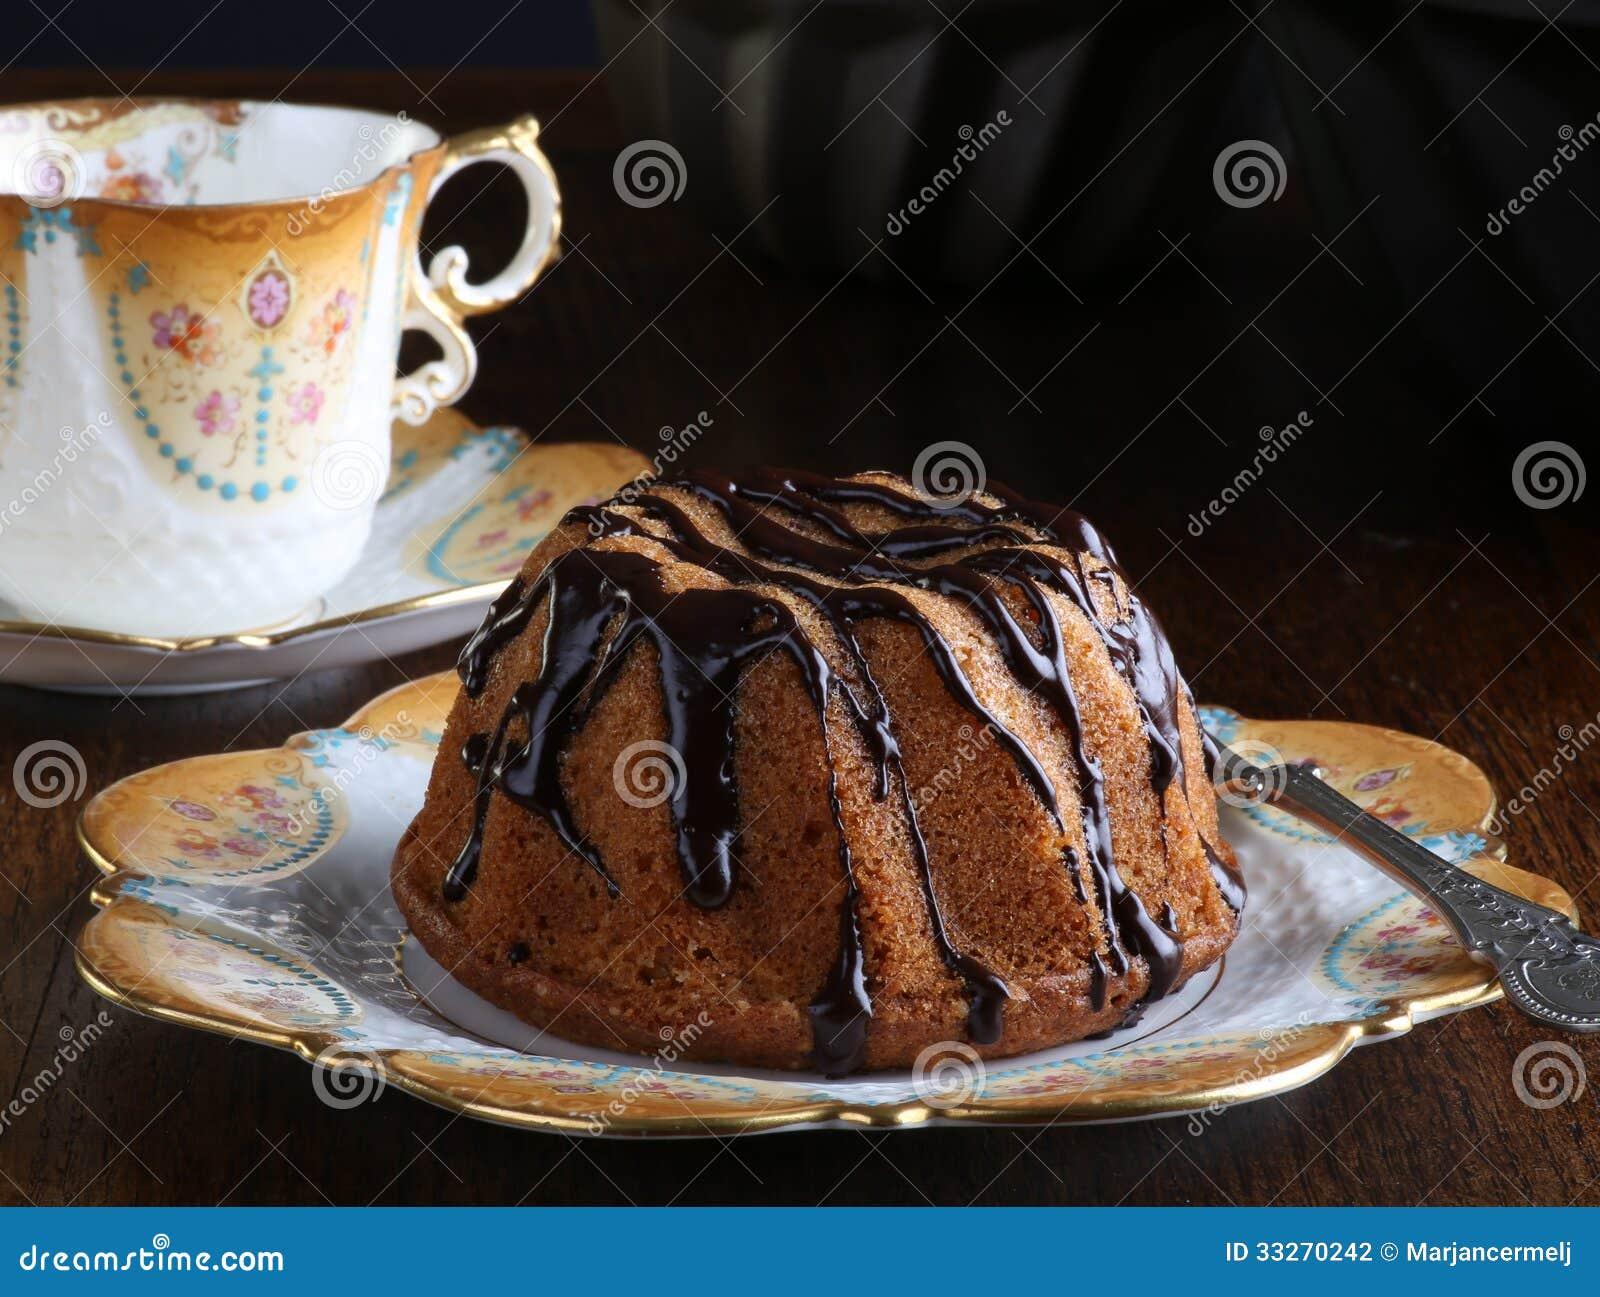 Mini Pound Cake - Haselnuss-Kuchen mit Schokoladen-Nieselregen